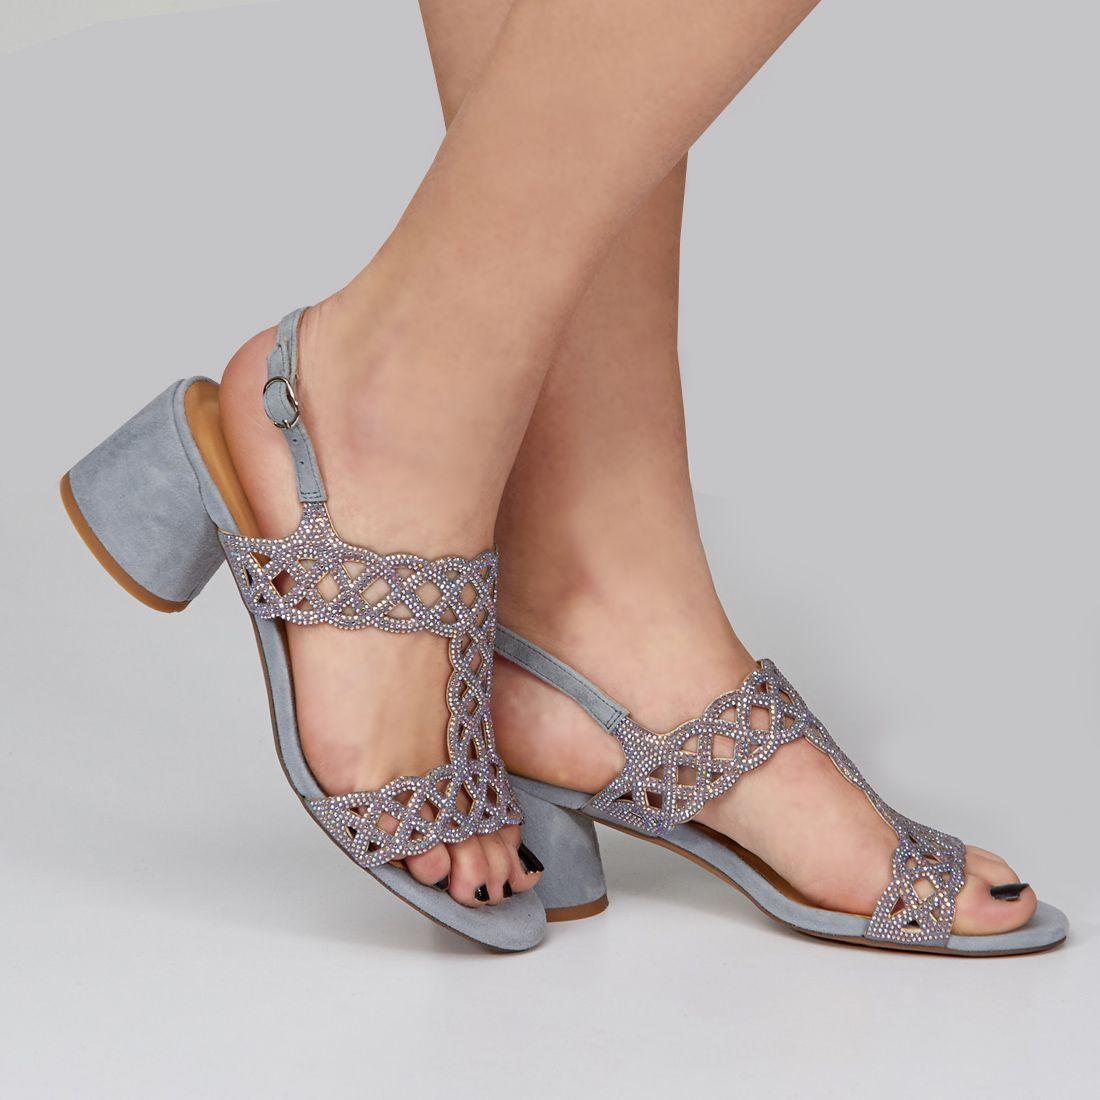 Y Pena En ZapatosMarcas V19702 Mujer 2019Alma Zapatos 67vYgyfb